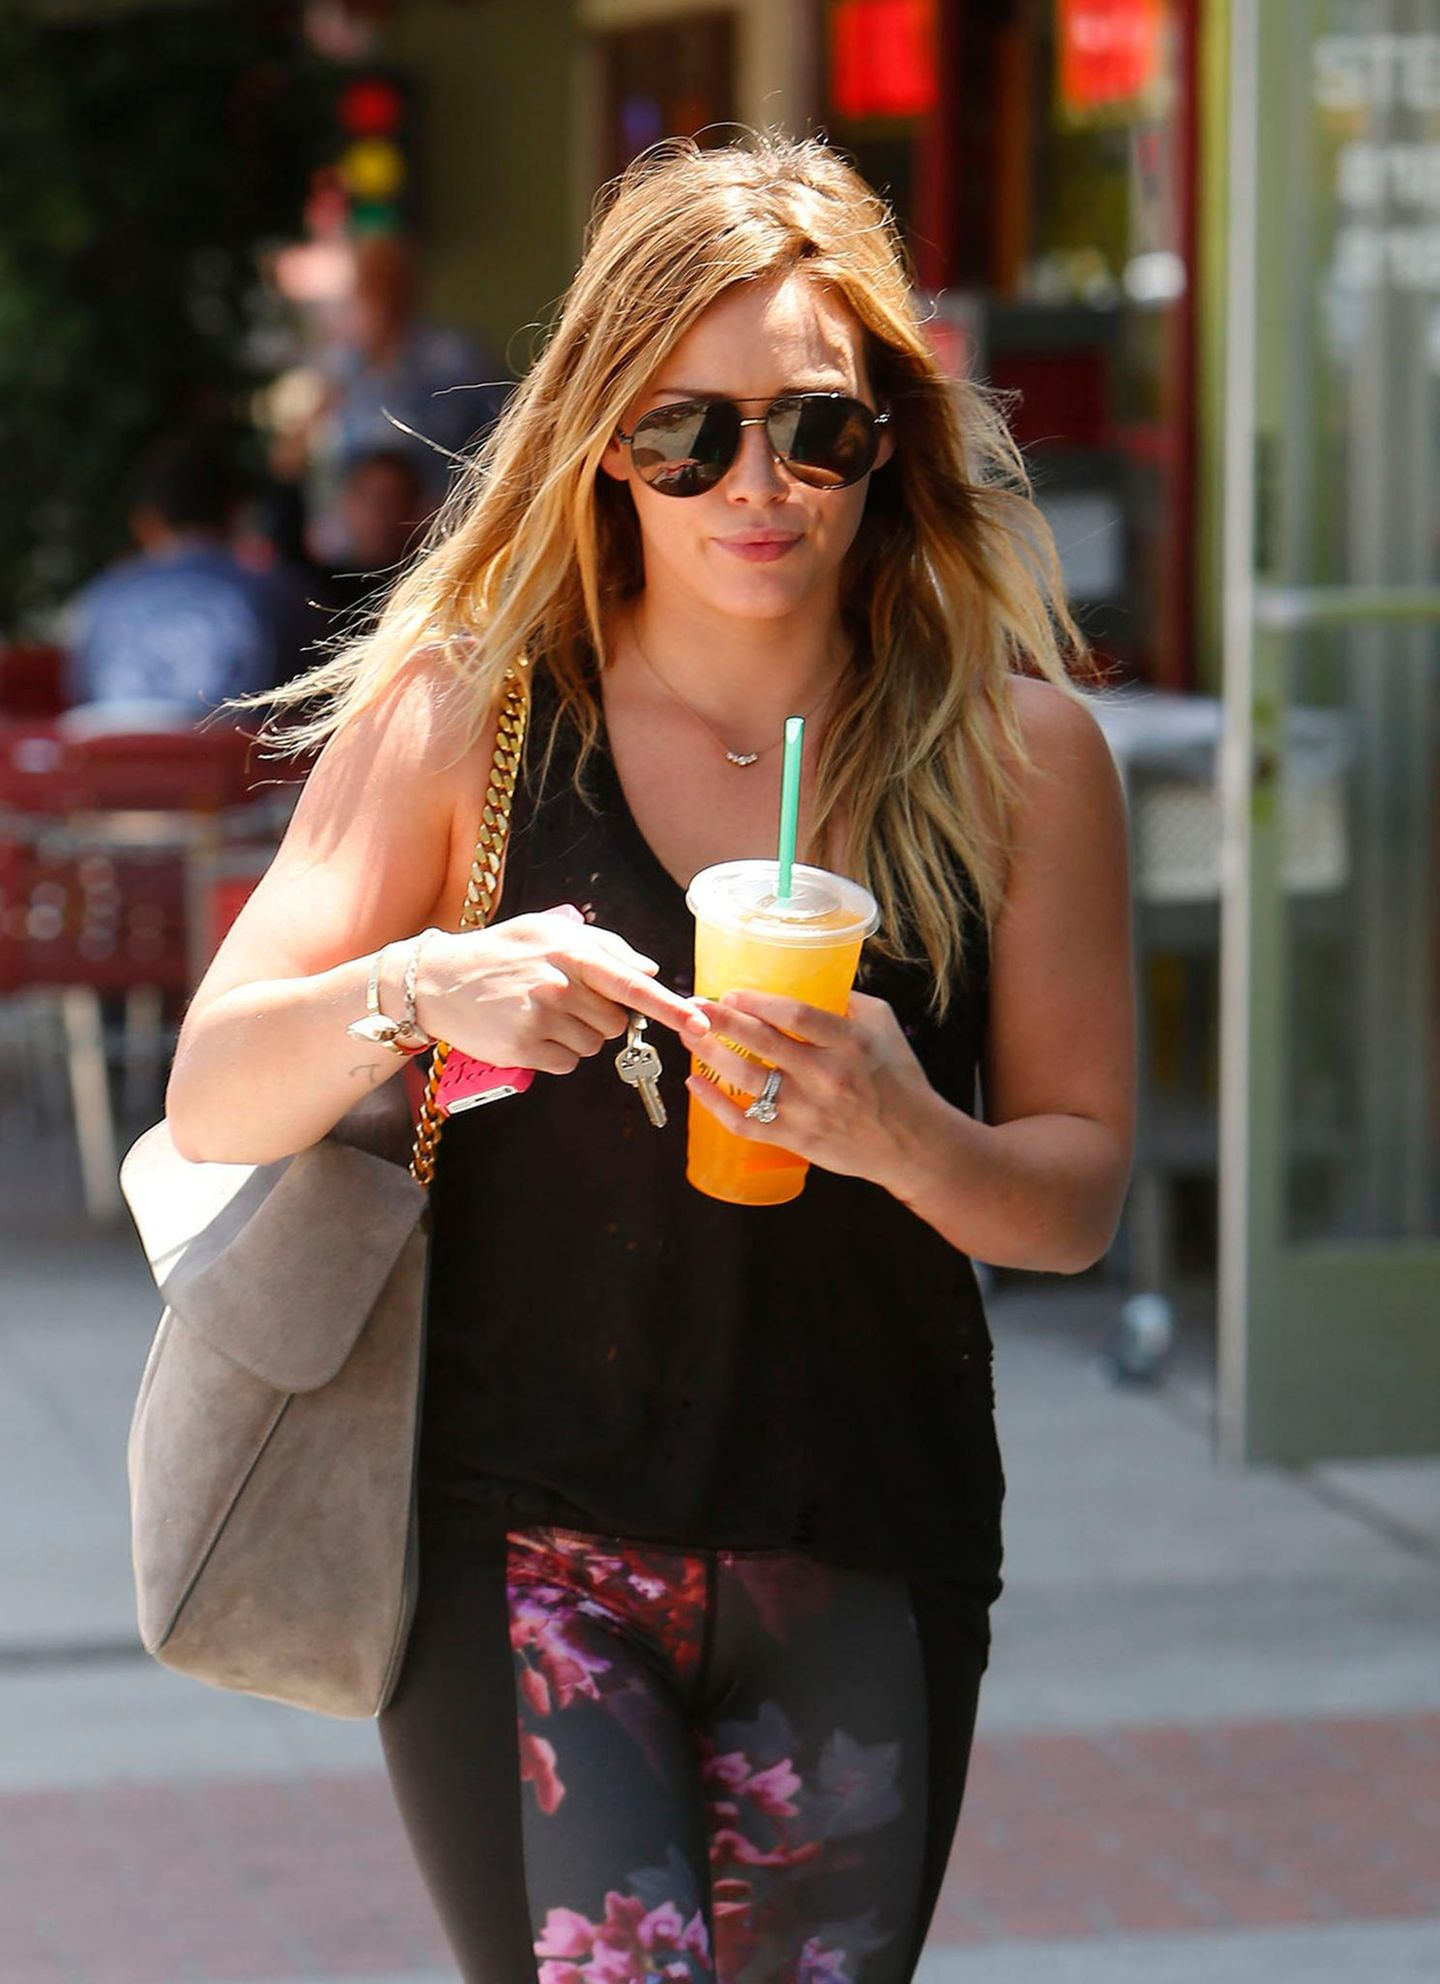 Auf dem Weg durch Studio City trinkt Hilary Duff ein kühles Getränk.